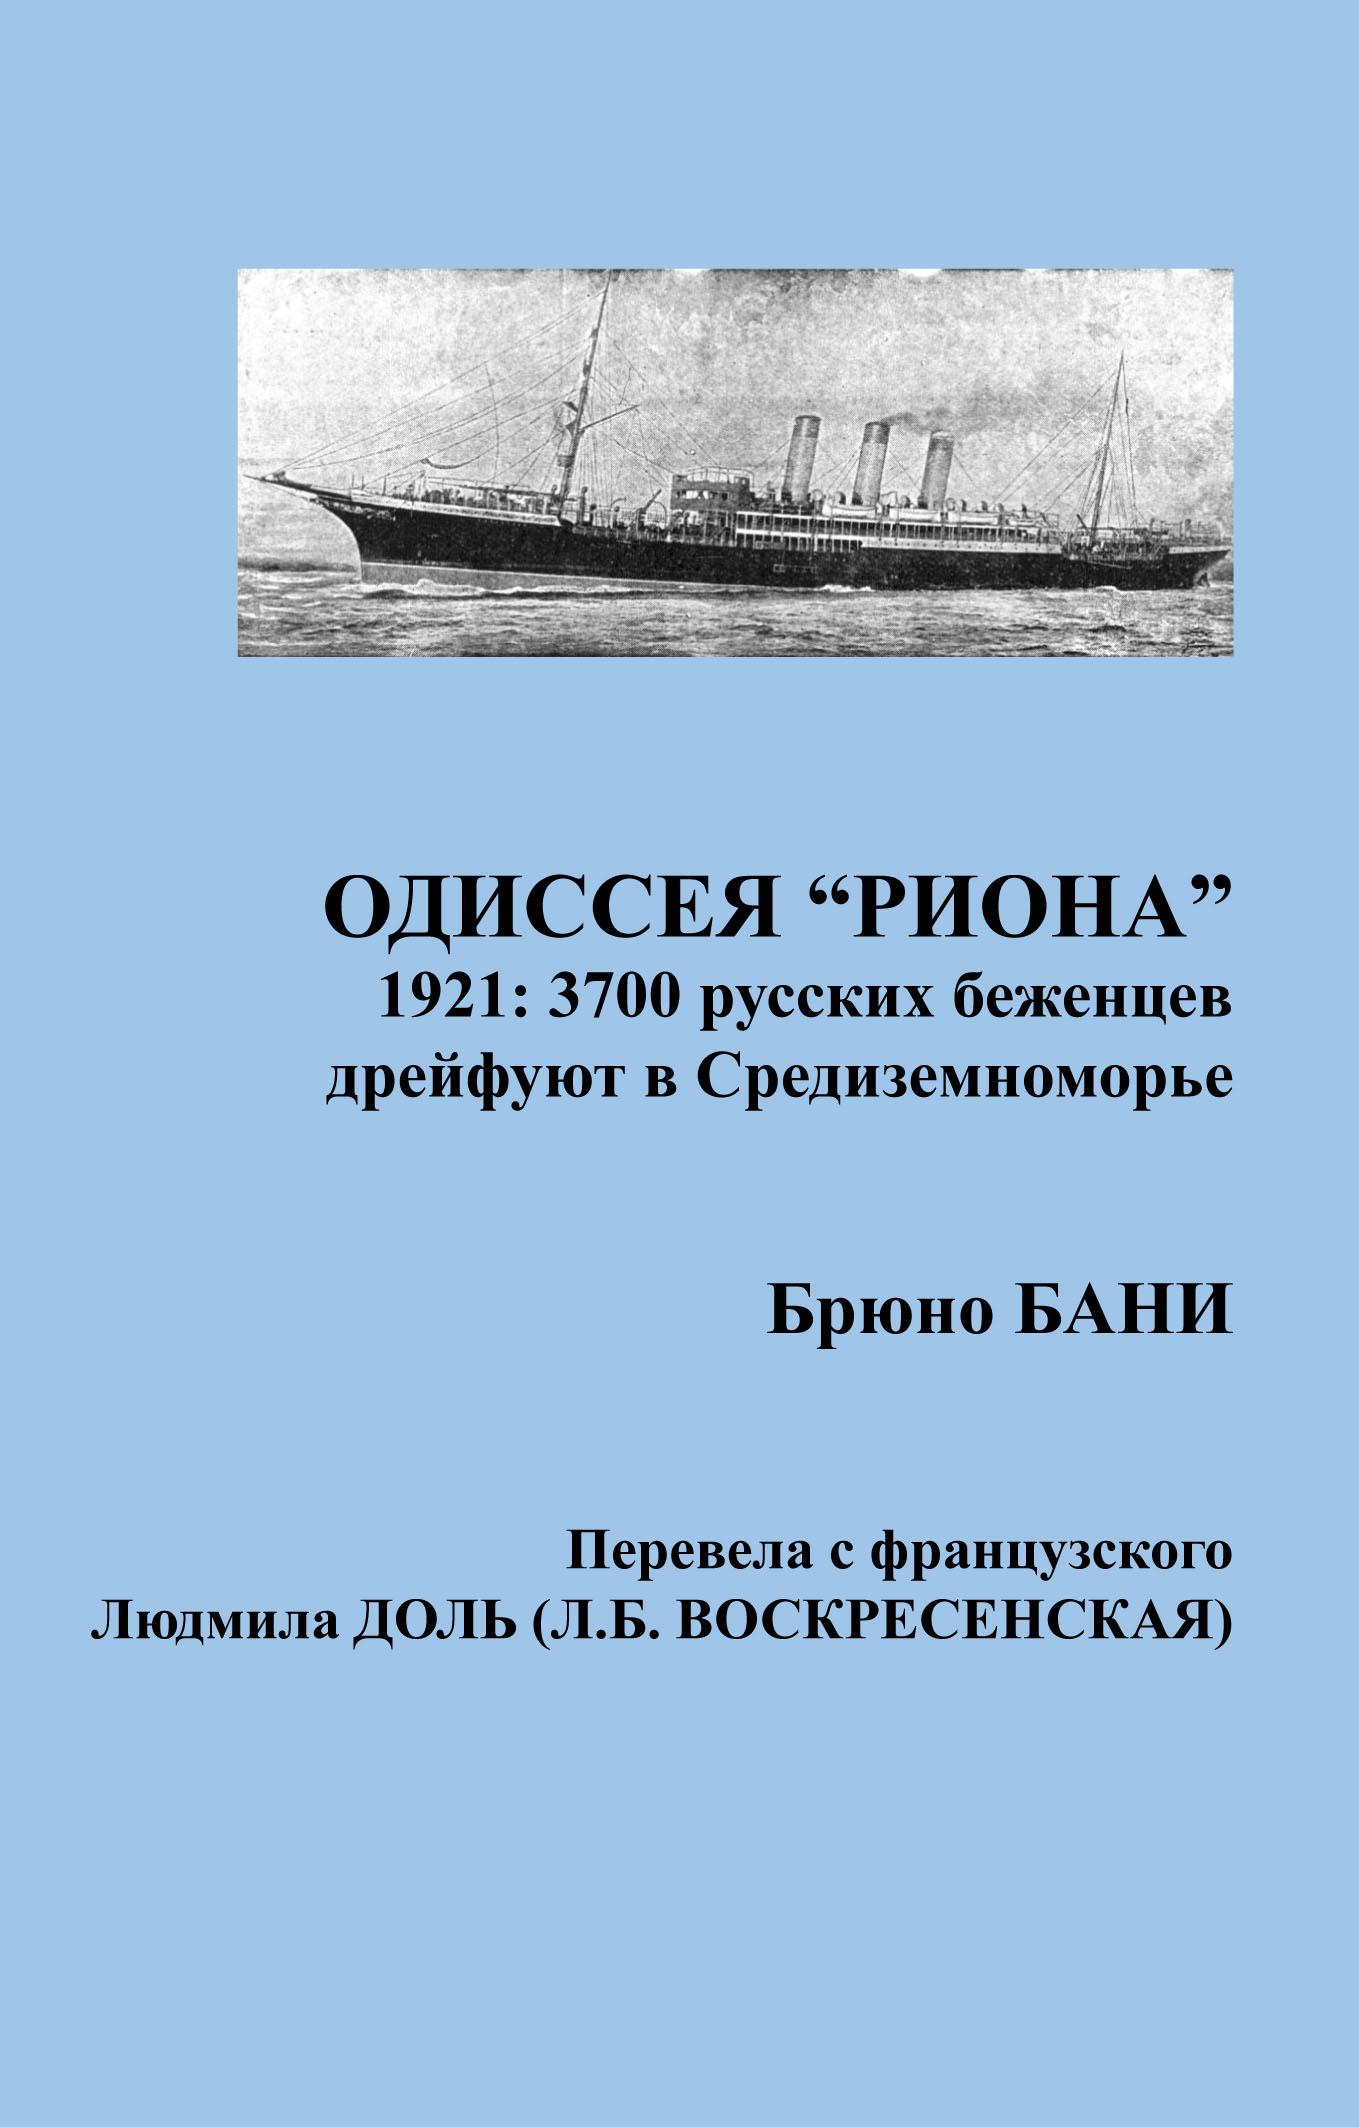 Одиссея «РИОНА». 1921: 3700 русских беженцев дрейфуют в Средиземноморье